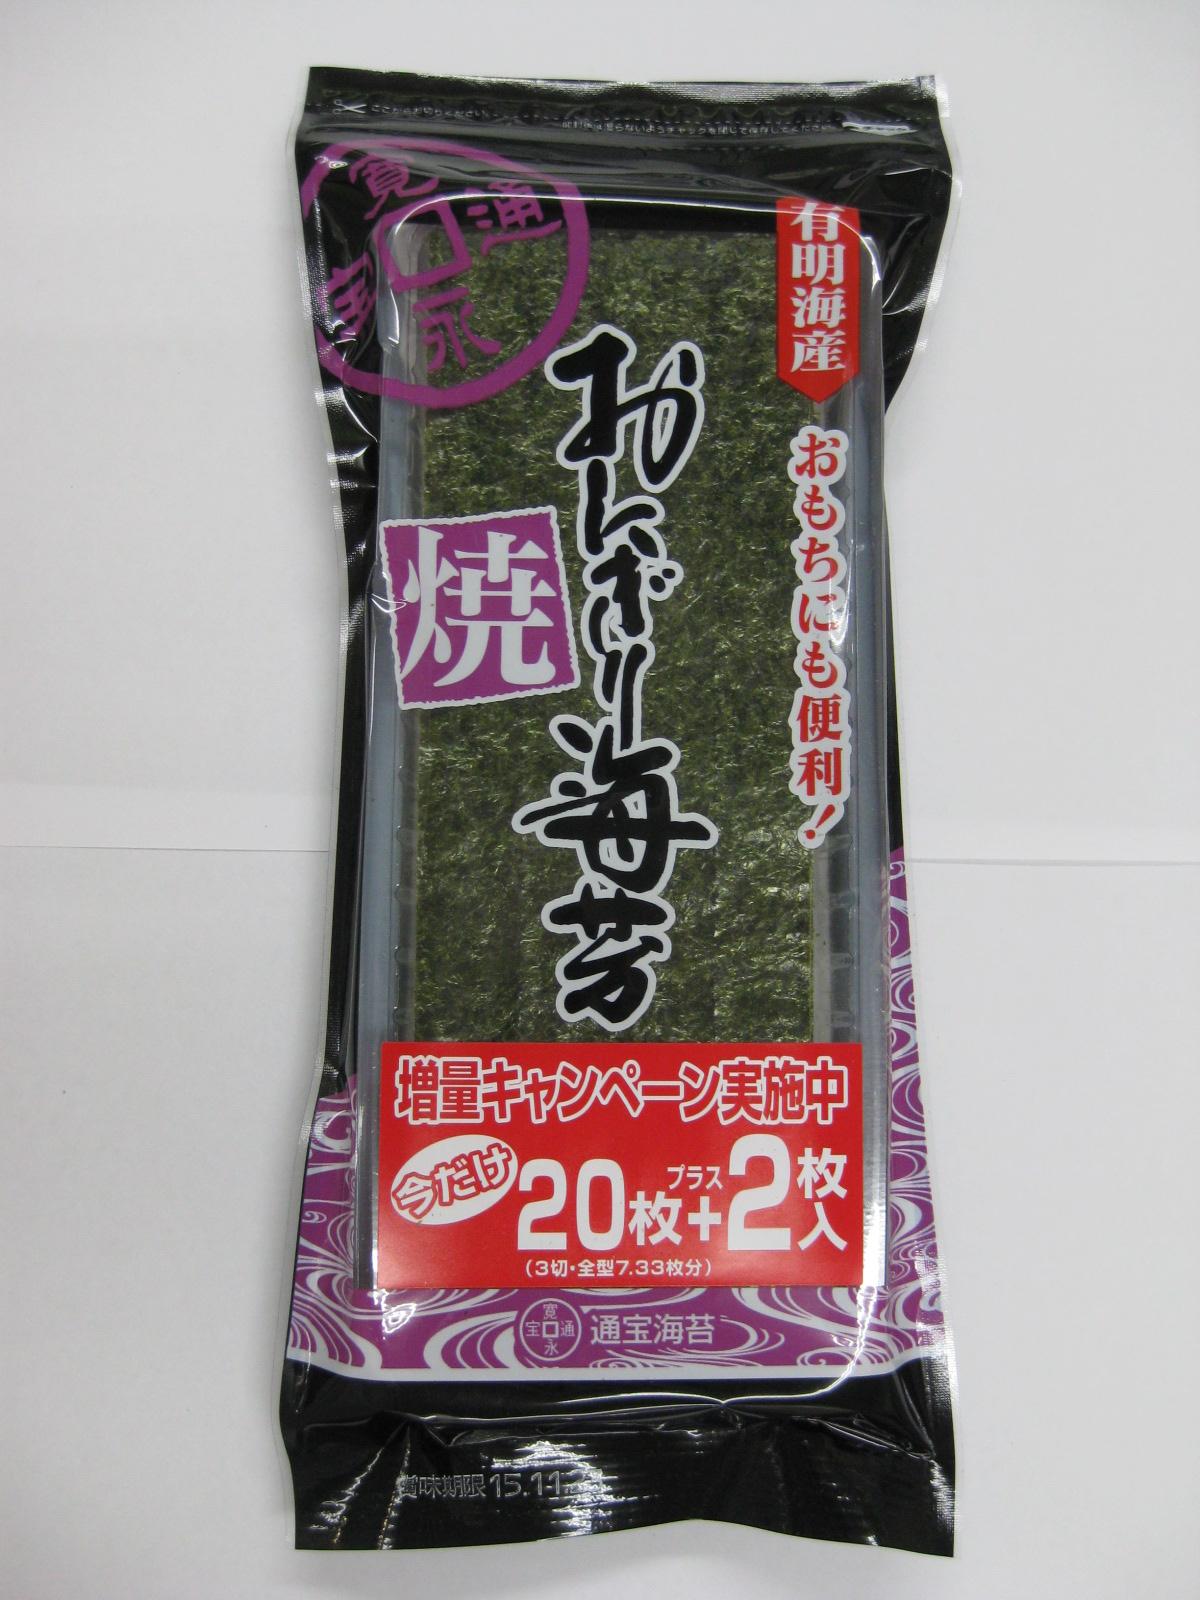 春の行楽増量セール!!_e0184224_1051252.jpg